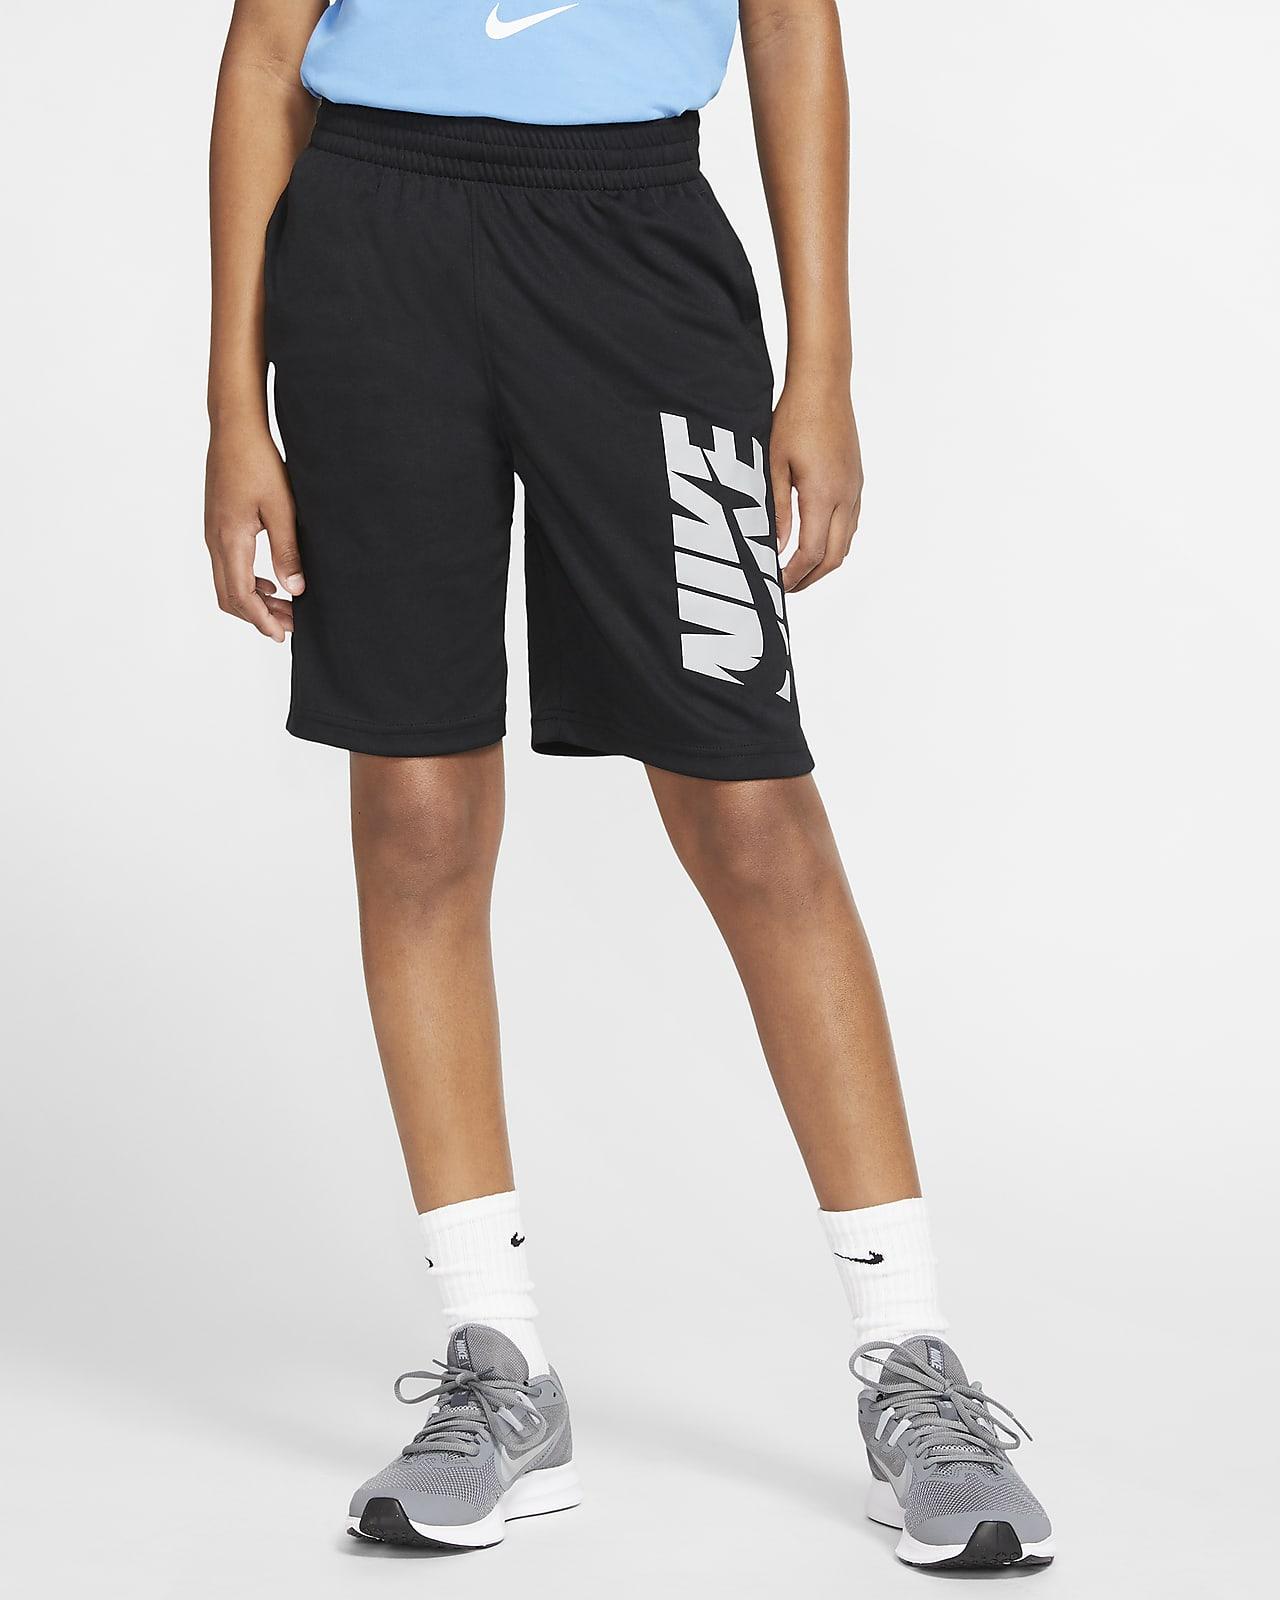 กางเกงเทรนนิ่งขาสั้นเด็กโต Nike (ชาย)